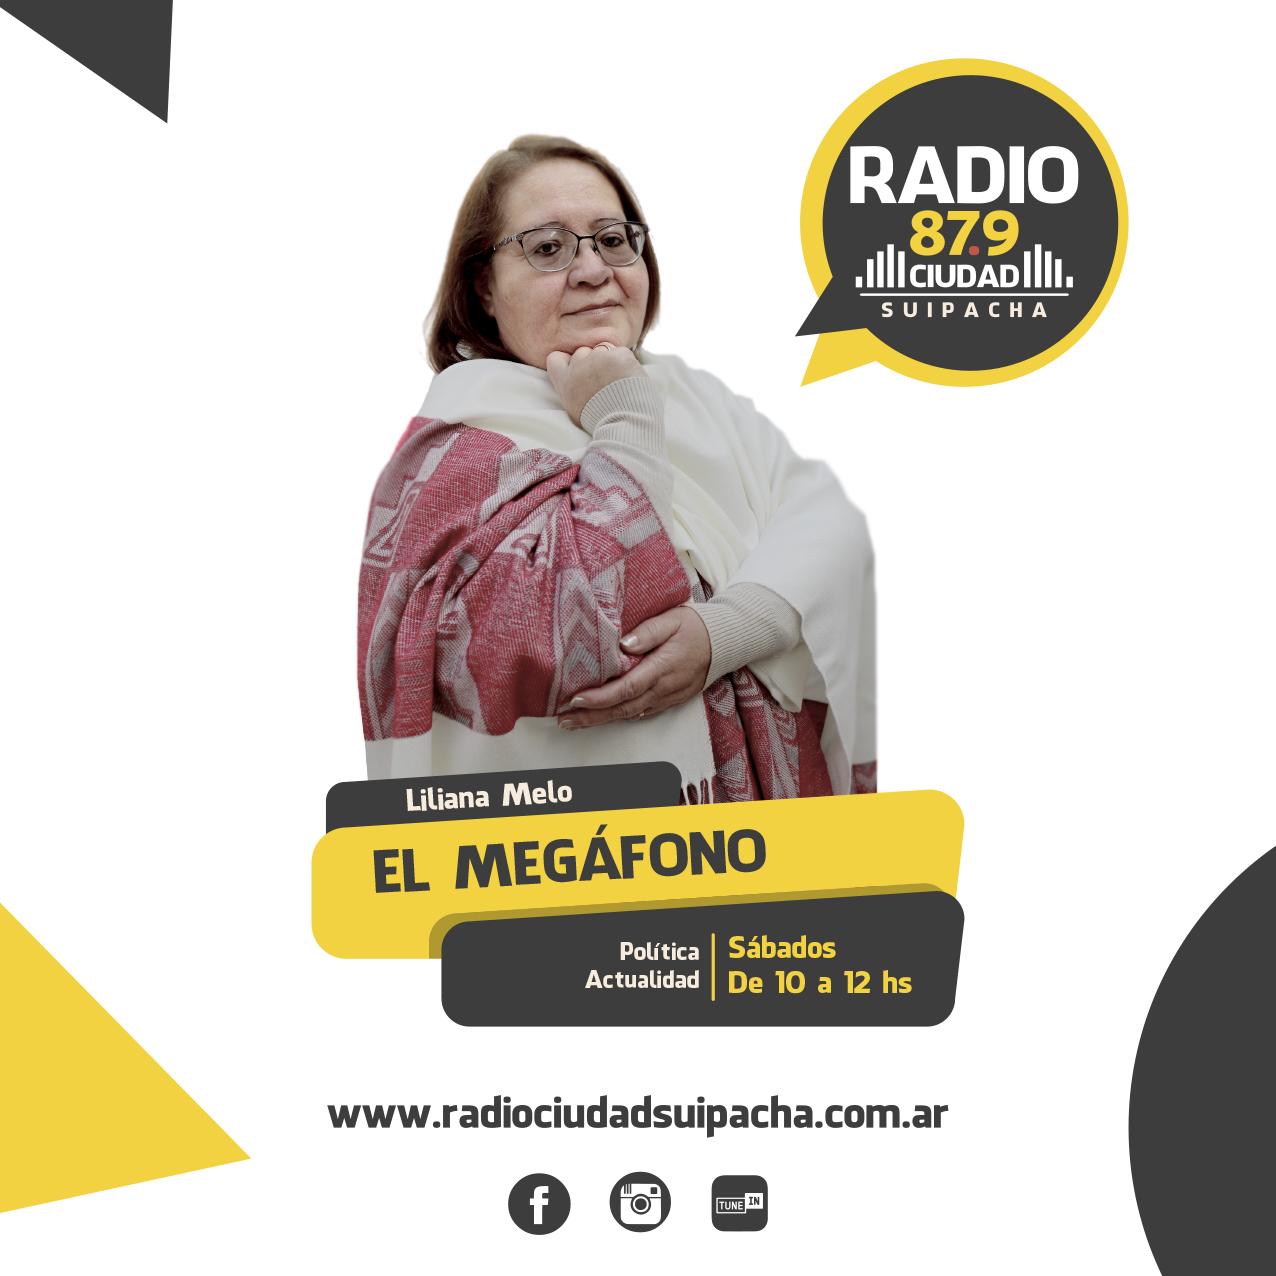 MEGAFONO 2 FEED 2021 RADIO CIUDAD SUIPACHA